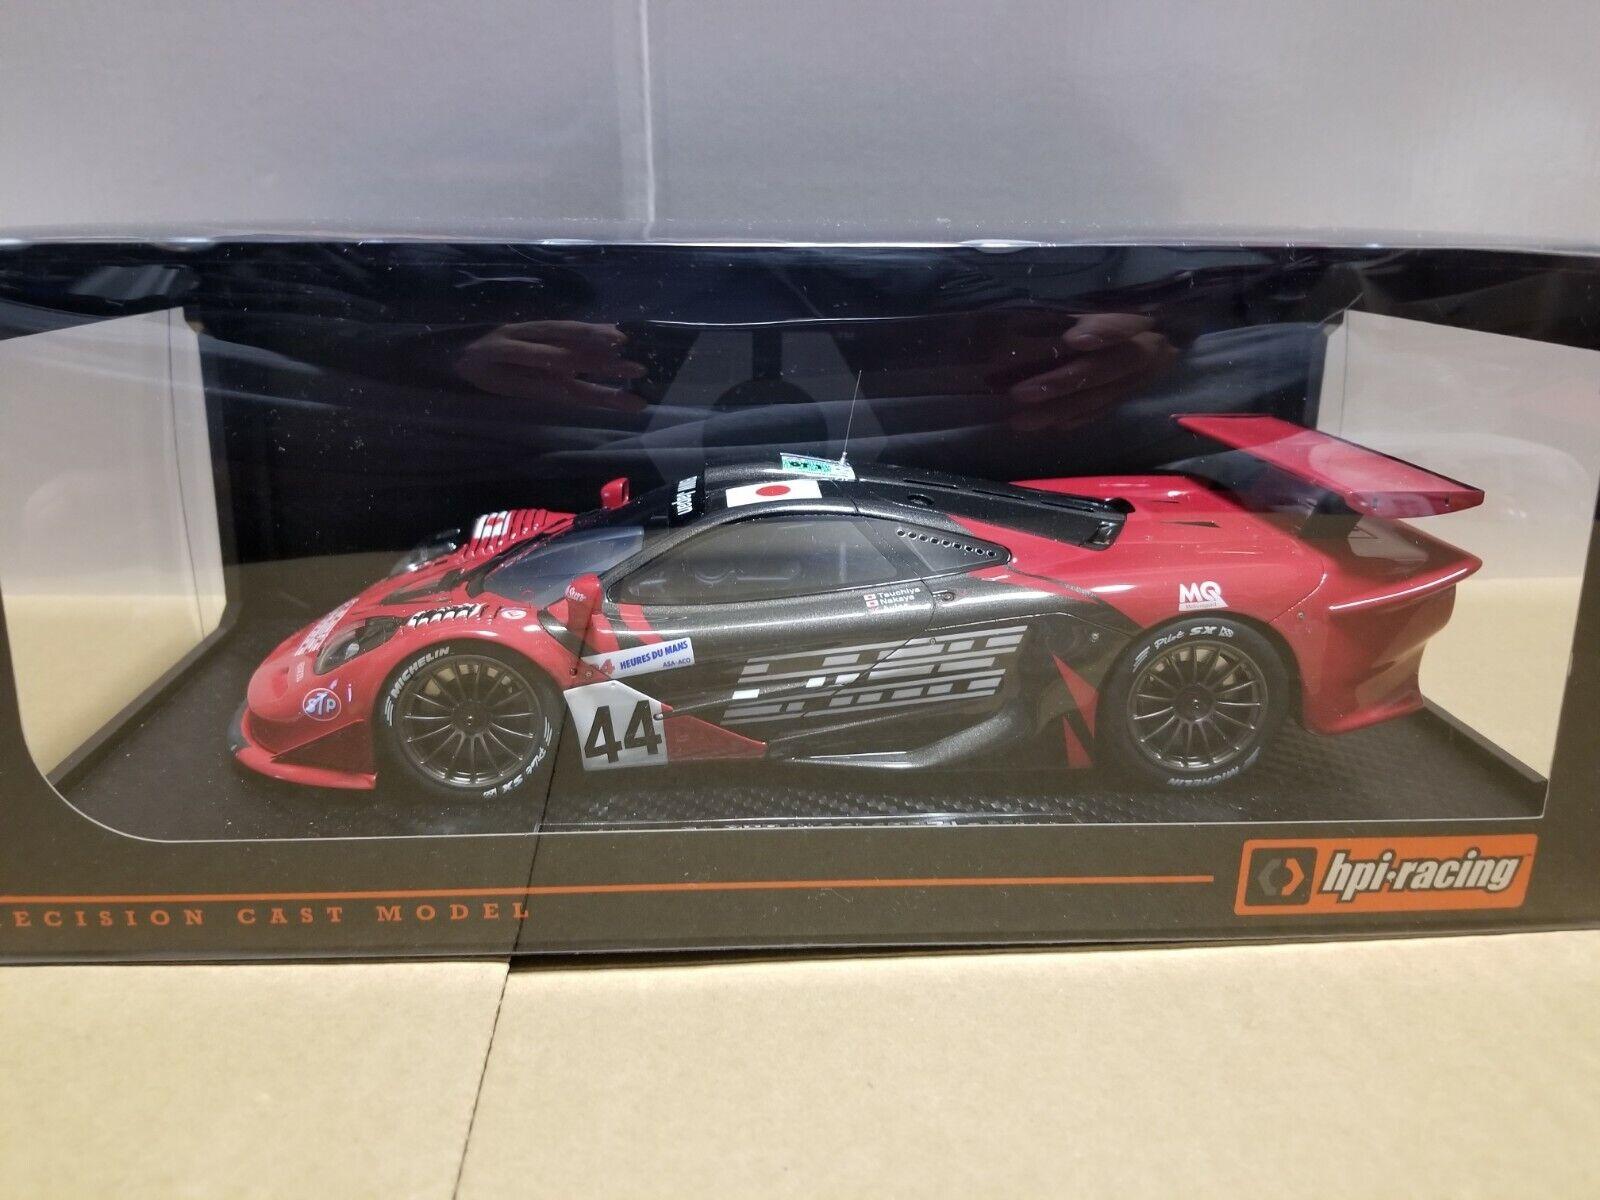 Tienda de moda y compras online. Hpi McLaren F1 GTR  44 1997 LM 8862 1 1 1 18  moda